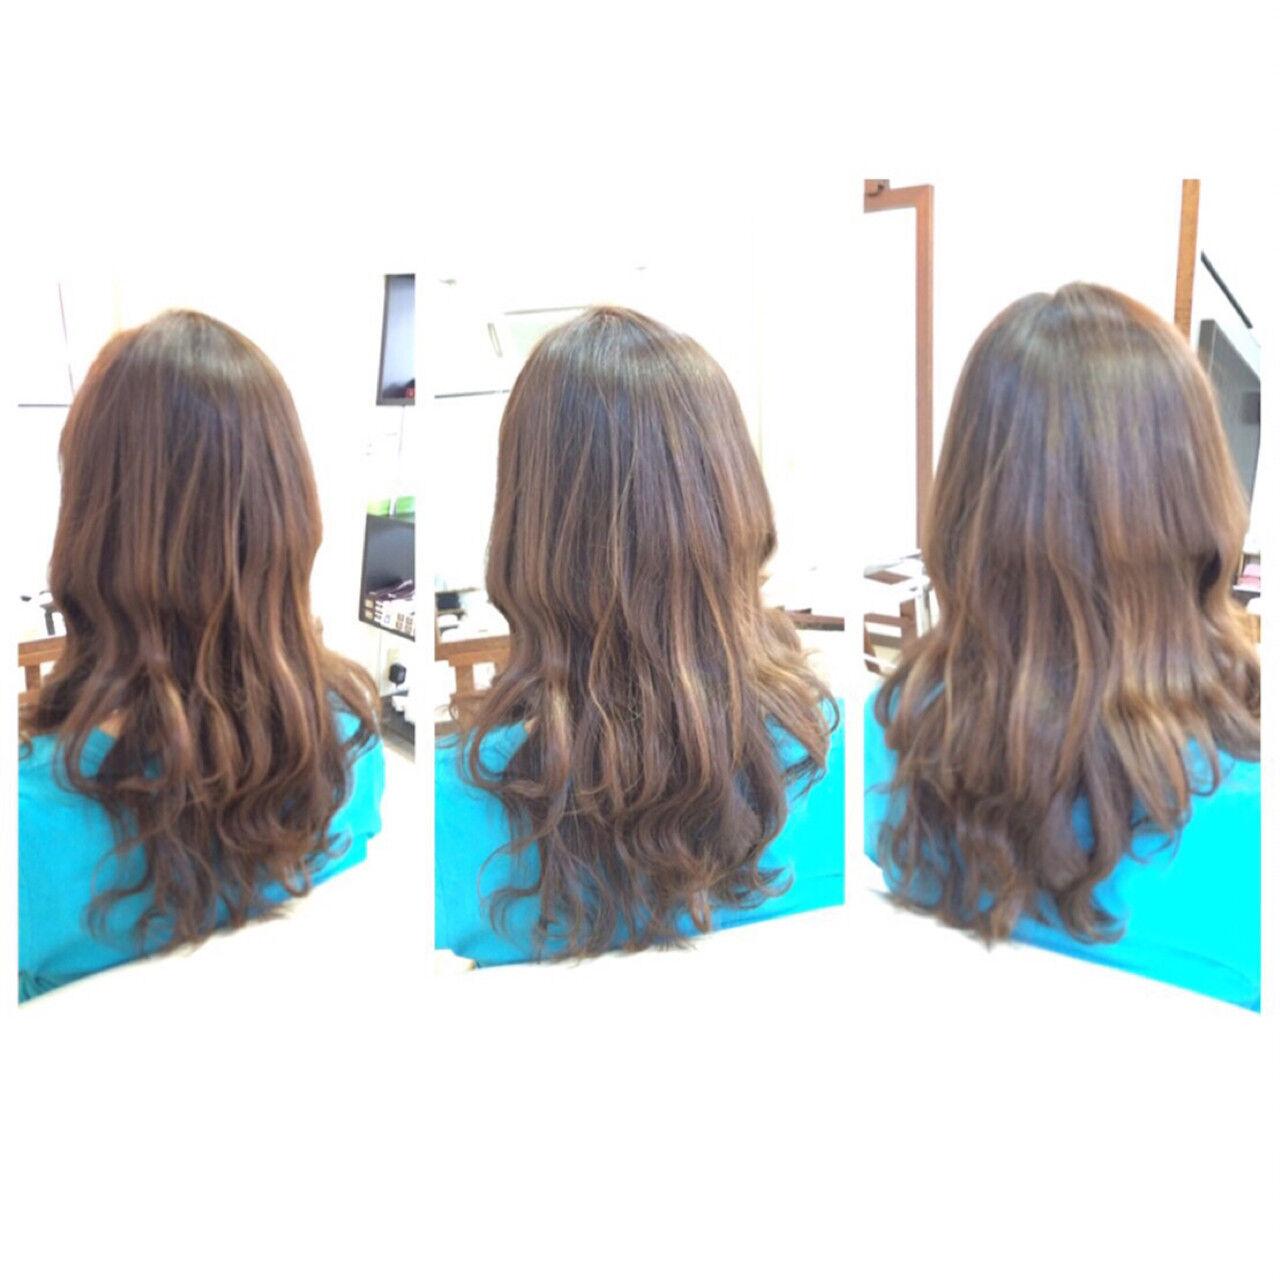 ミディアム 外国人風 ハイライト 簡単ヘアアレンジヘアスタイルや髪型の写真・画像